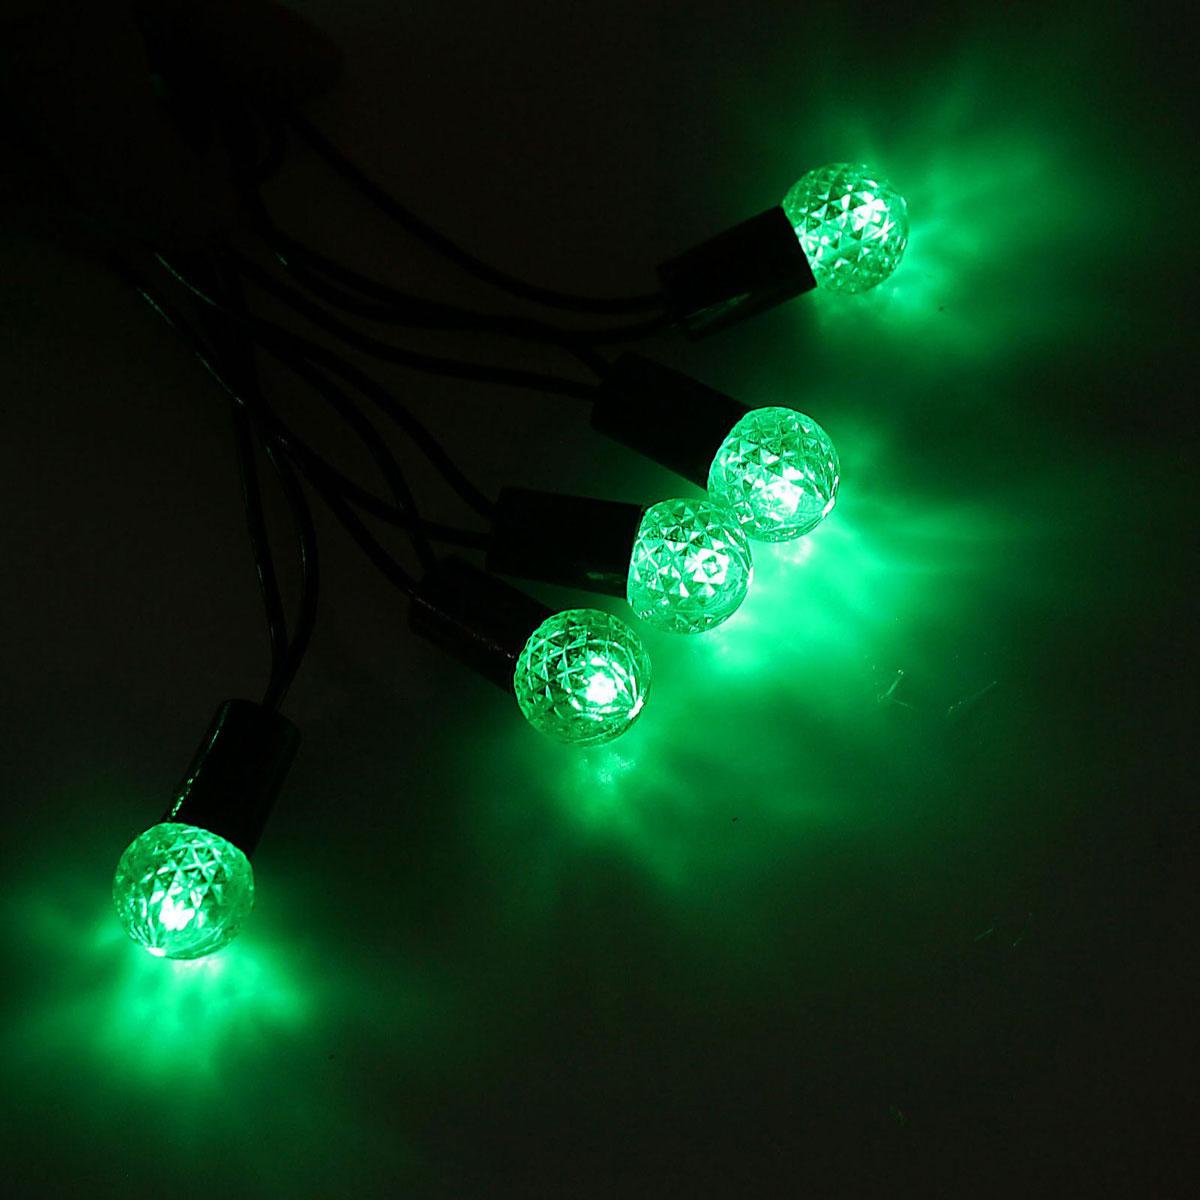 Гирлянда светодиодная Luazon Метраж. Фонарик, уличная с насадкой, 8 режимов, 40 ламп, 220 V, 5 м, цвет: зеленый. 1080111500-044Светодиодные гирлянды, ленты и т.д. — это отличный вариант для новогоднего оформления интерьера или фасада. С их помощью помещение любого размера можно превратить в праздничный зал, а внешние элементы зданий, украшенные ими, мгновенно станут напоминать очертания сказочного дворца. Такие украшения создают ауру предвкушения чуда. Деревья, фасады, витрины, окна и арки будто специально созданы, чтобы вы украсили их светящимися нитями.